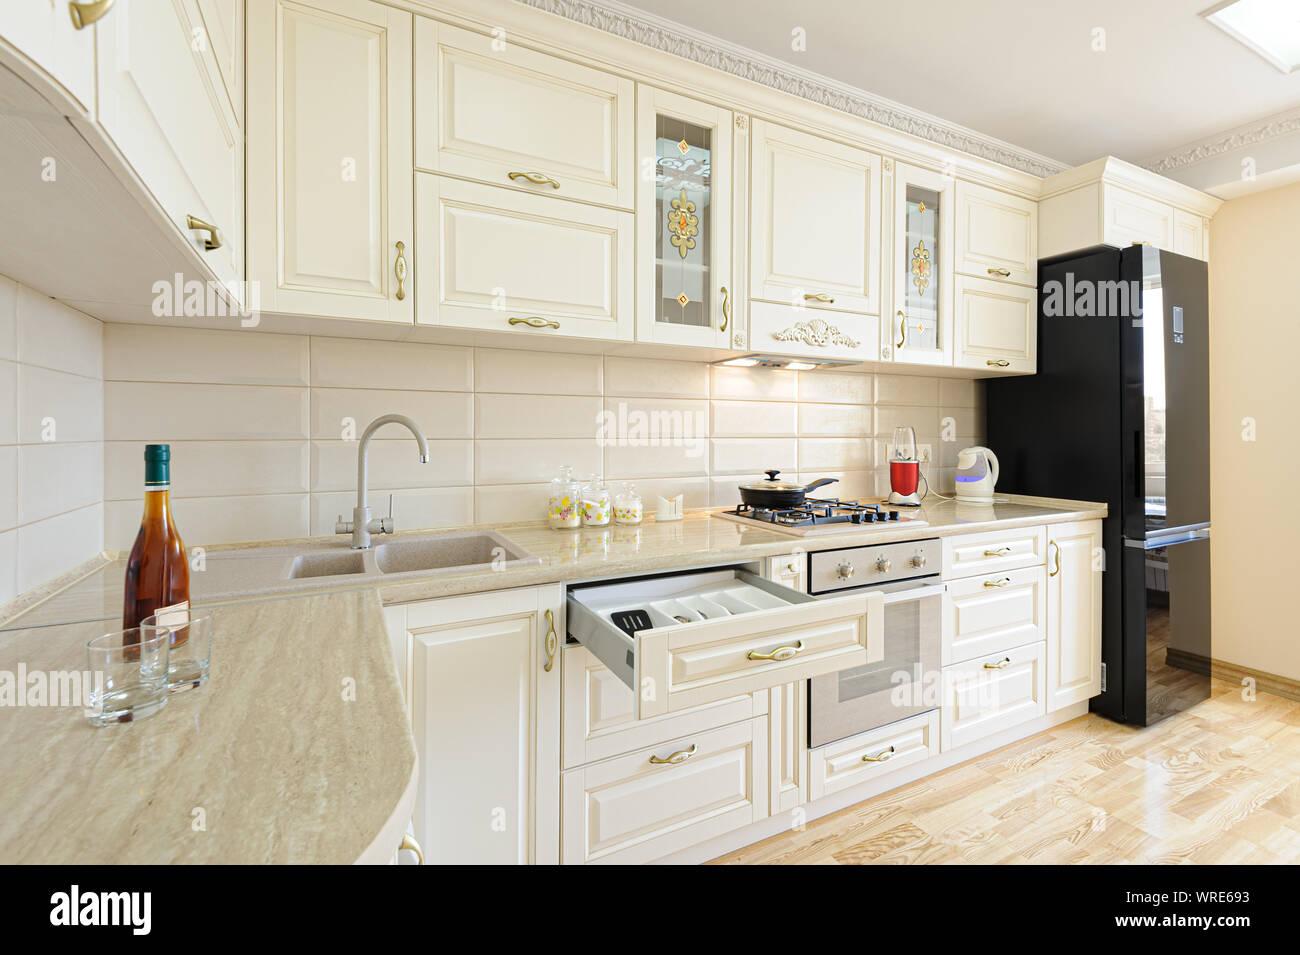 Luxury Modern Beige And White Kitchen Interior Stock Photo